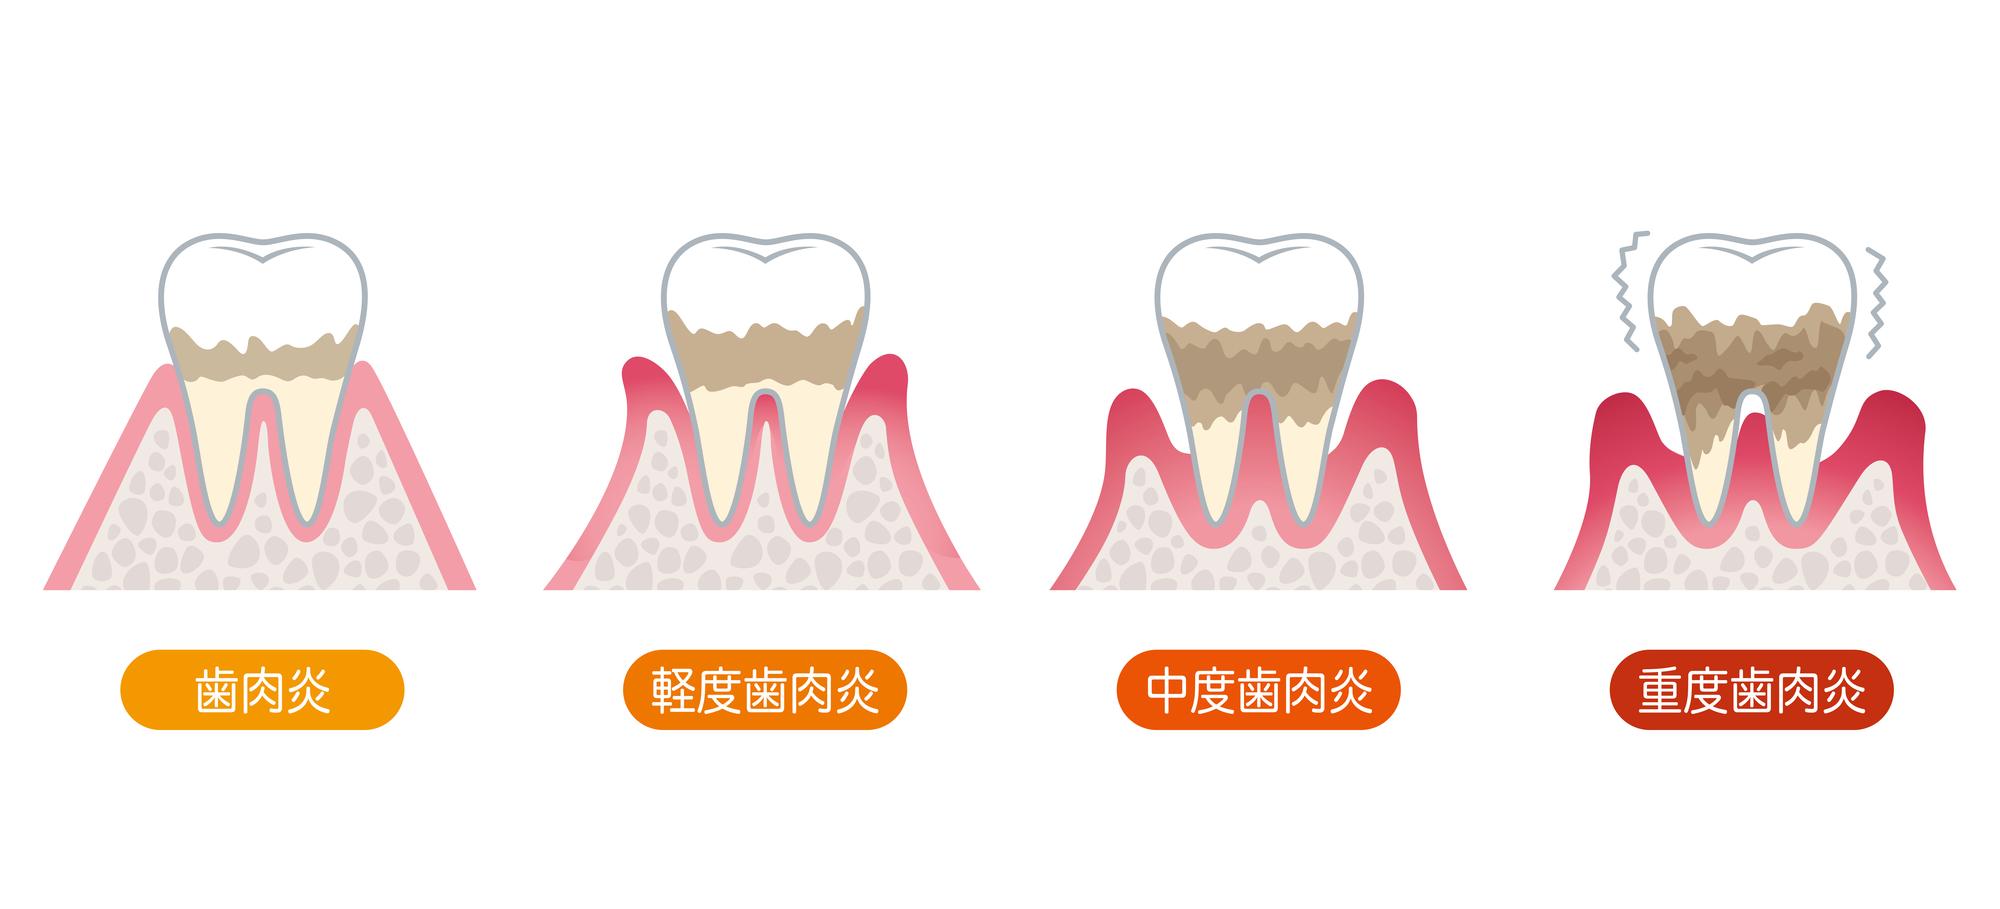 歯周病の症状と進行の様子